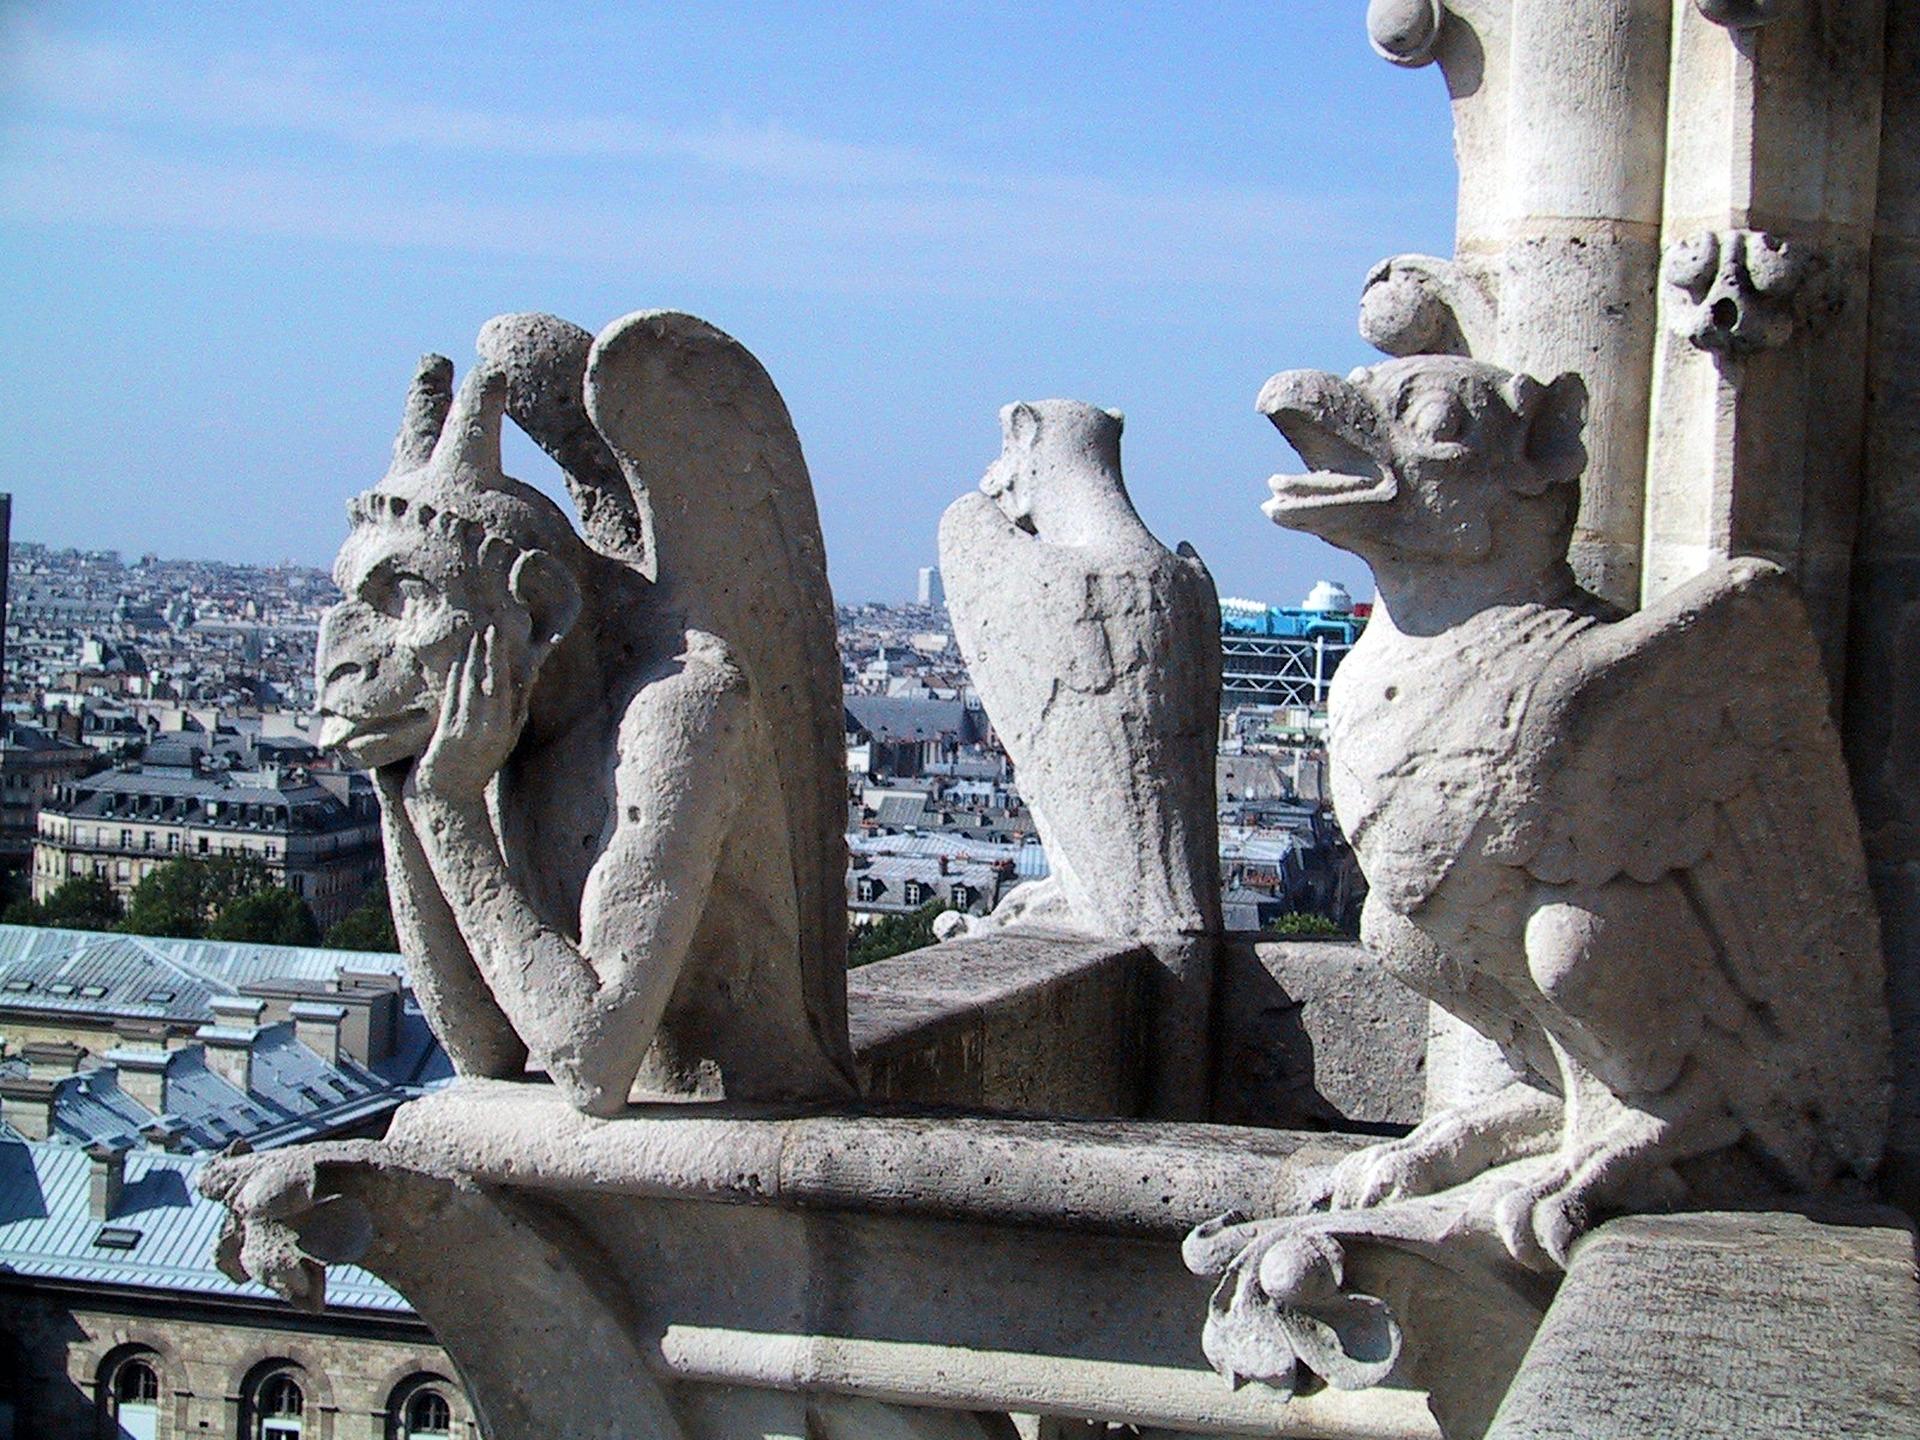 Kipovi čudovišta na katedrali - Notr Dam